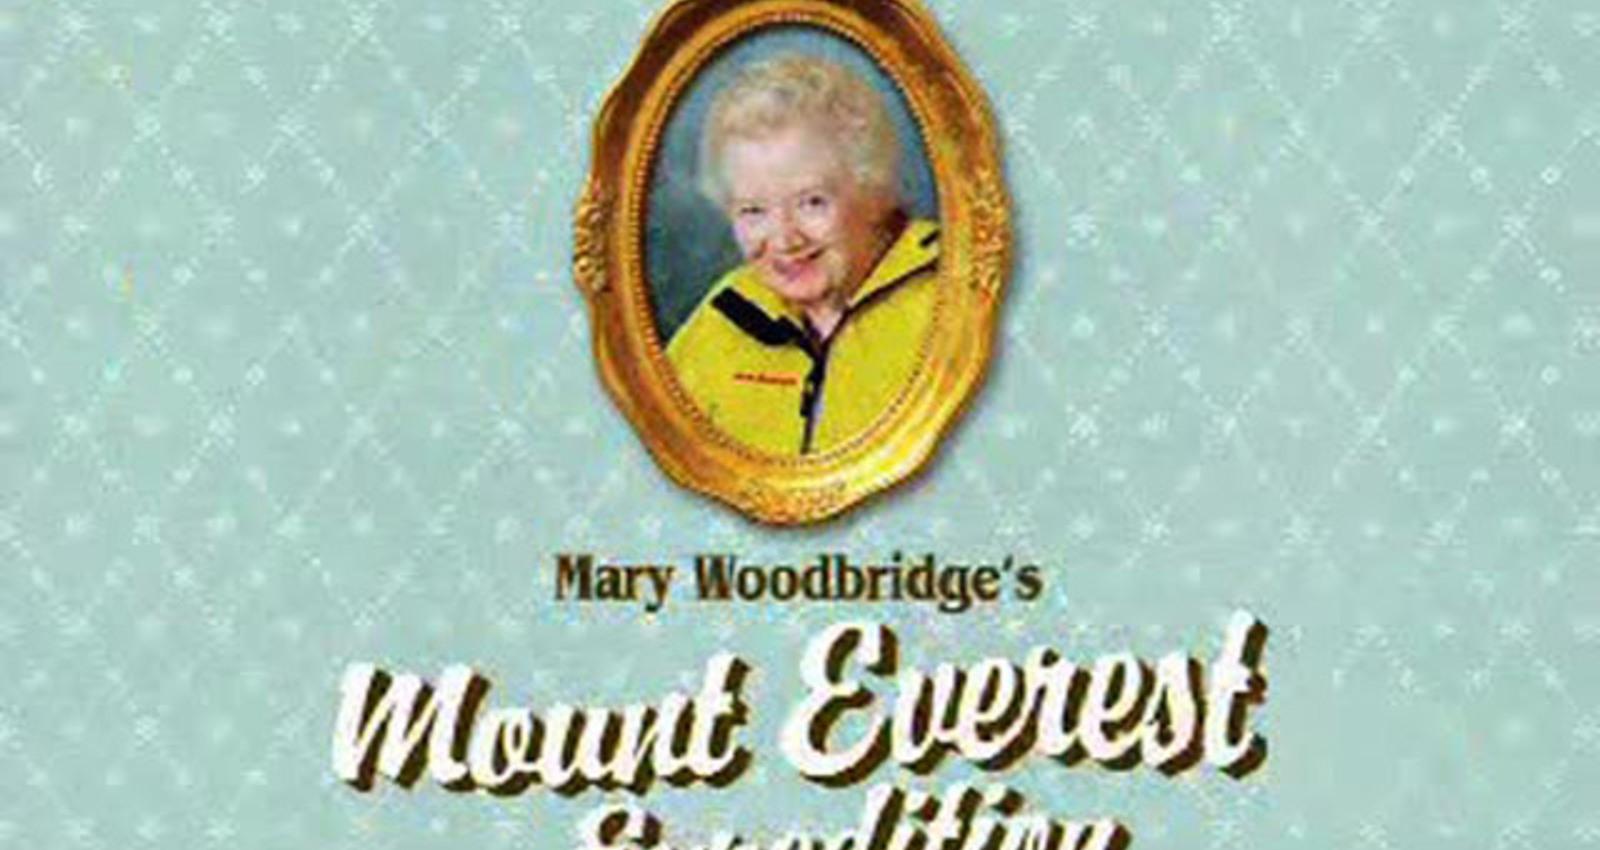 Mary Woodbridge